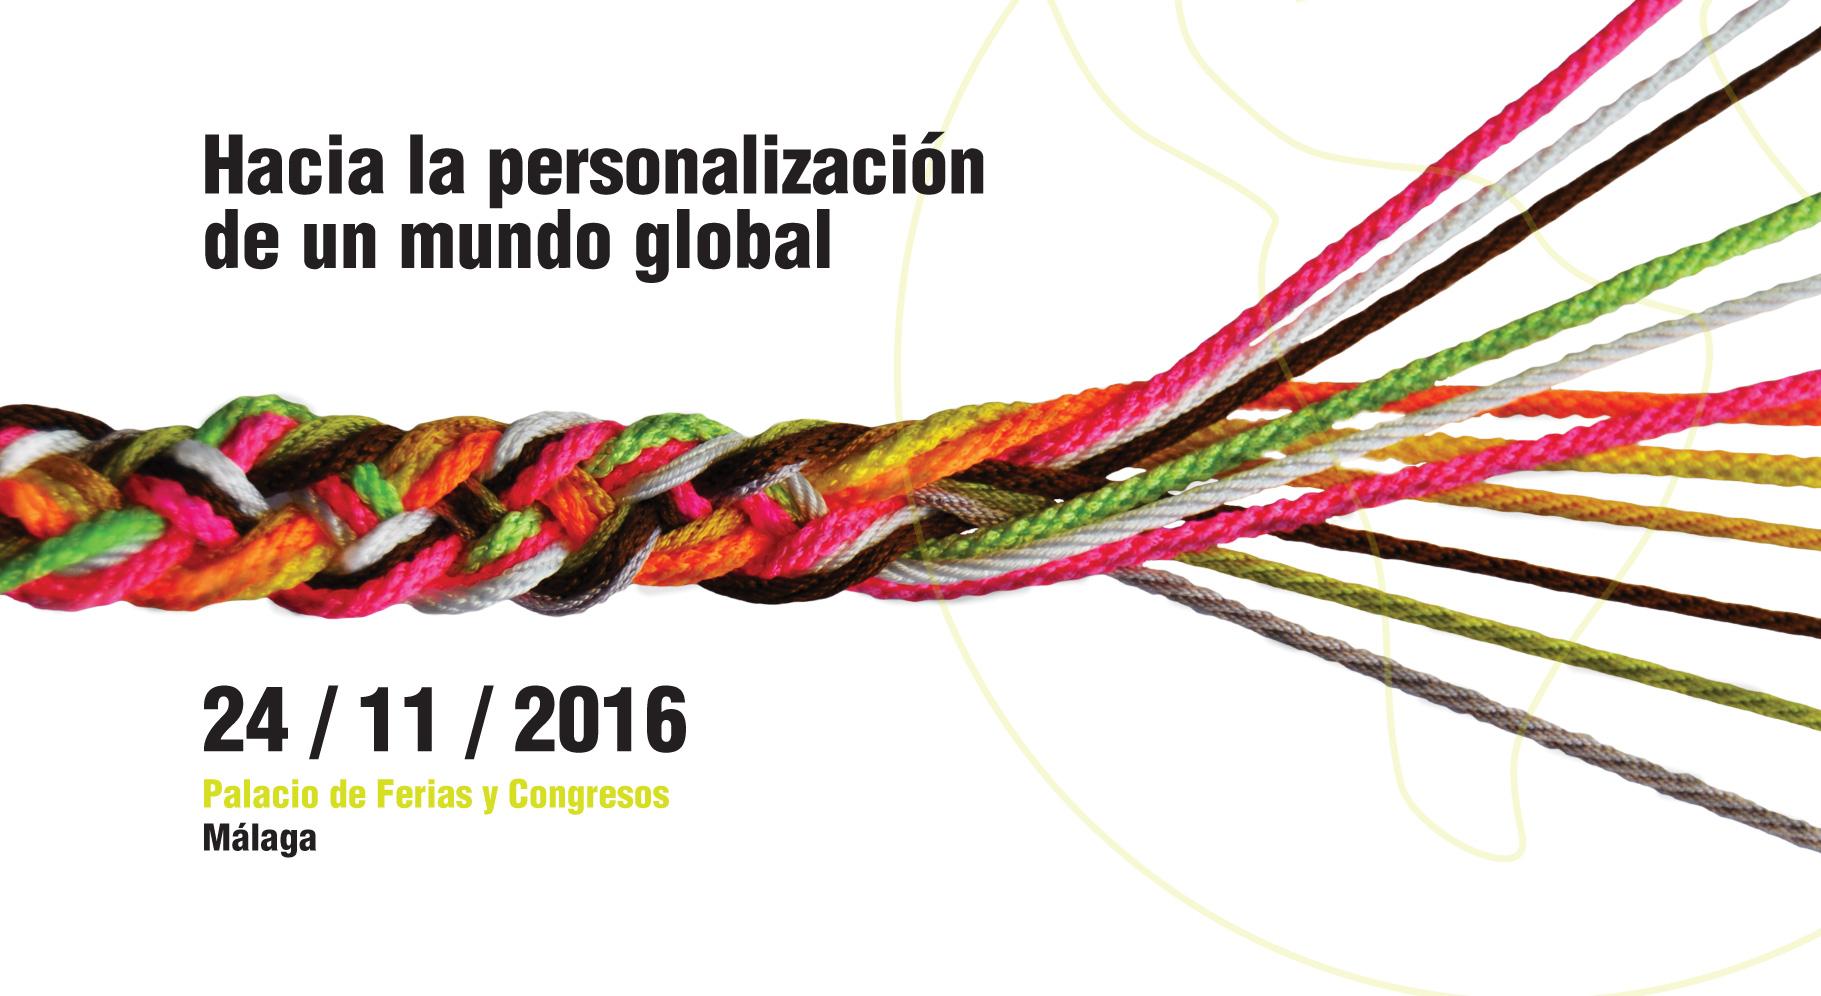 Hacia la personalización de un mundo global - Andalucía Management 2016